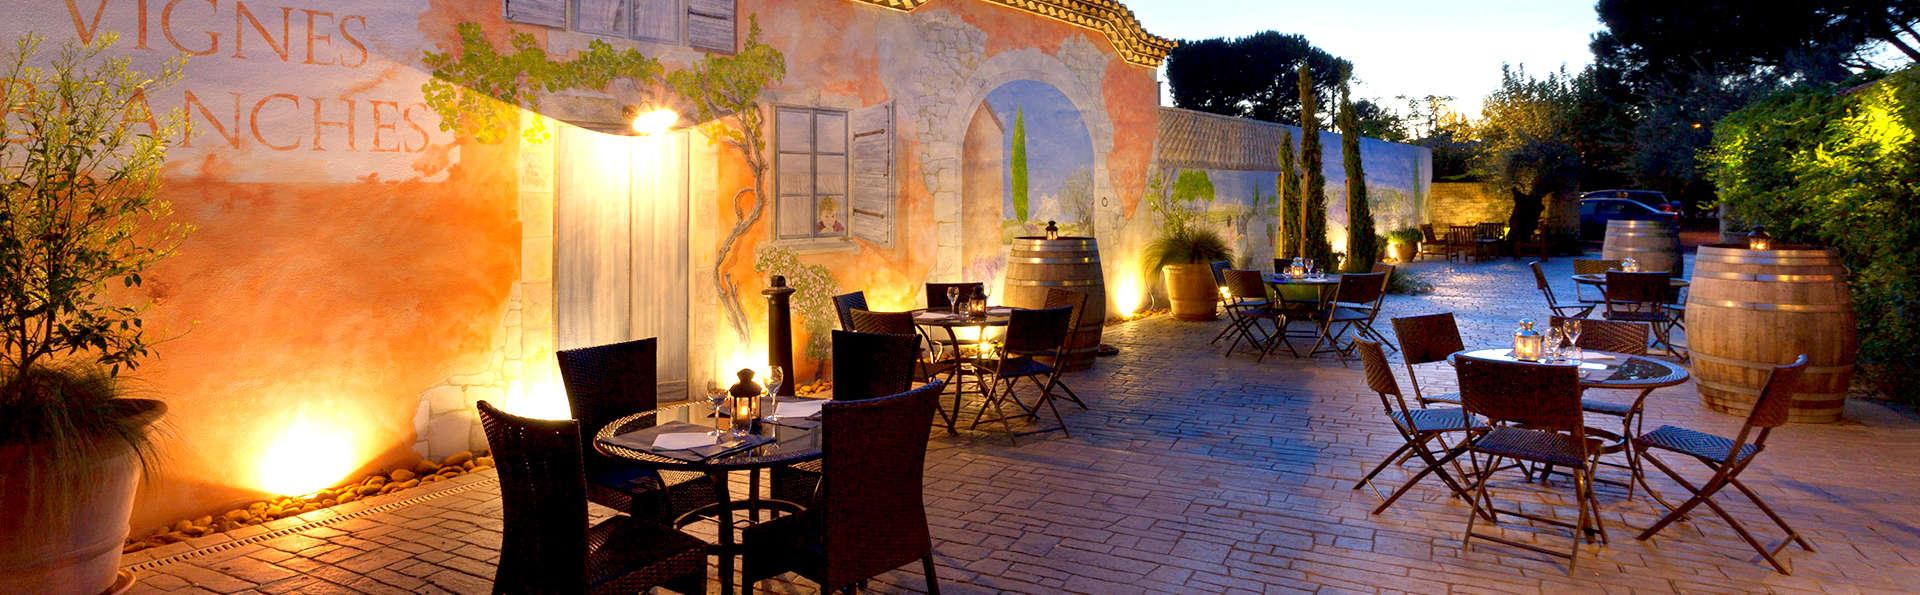 Les Vignes Blanches - Edit_Terrace4.jpg